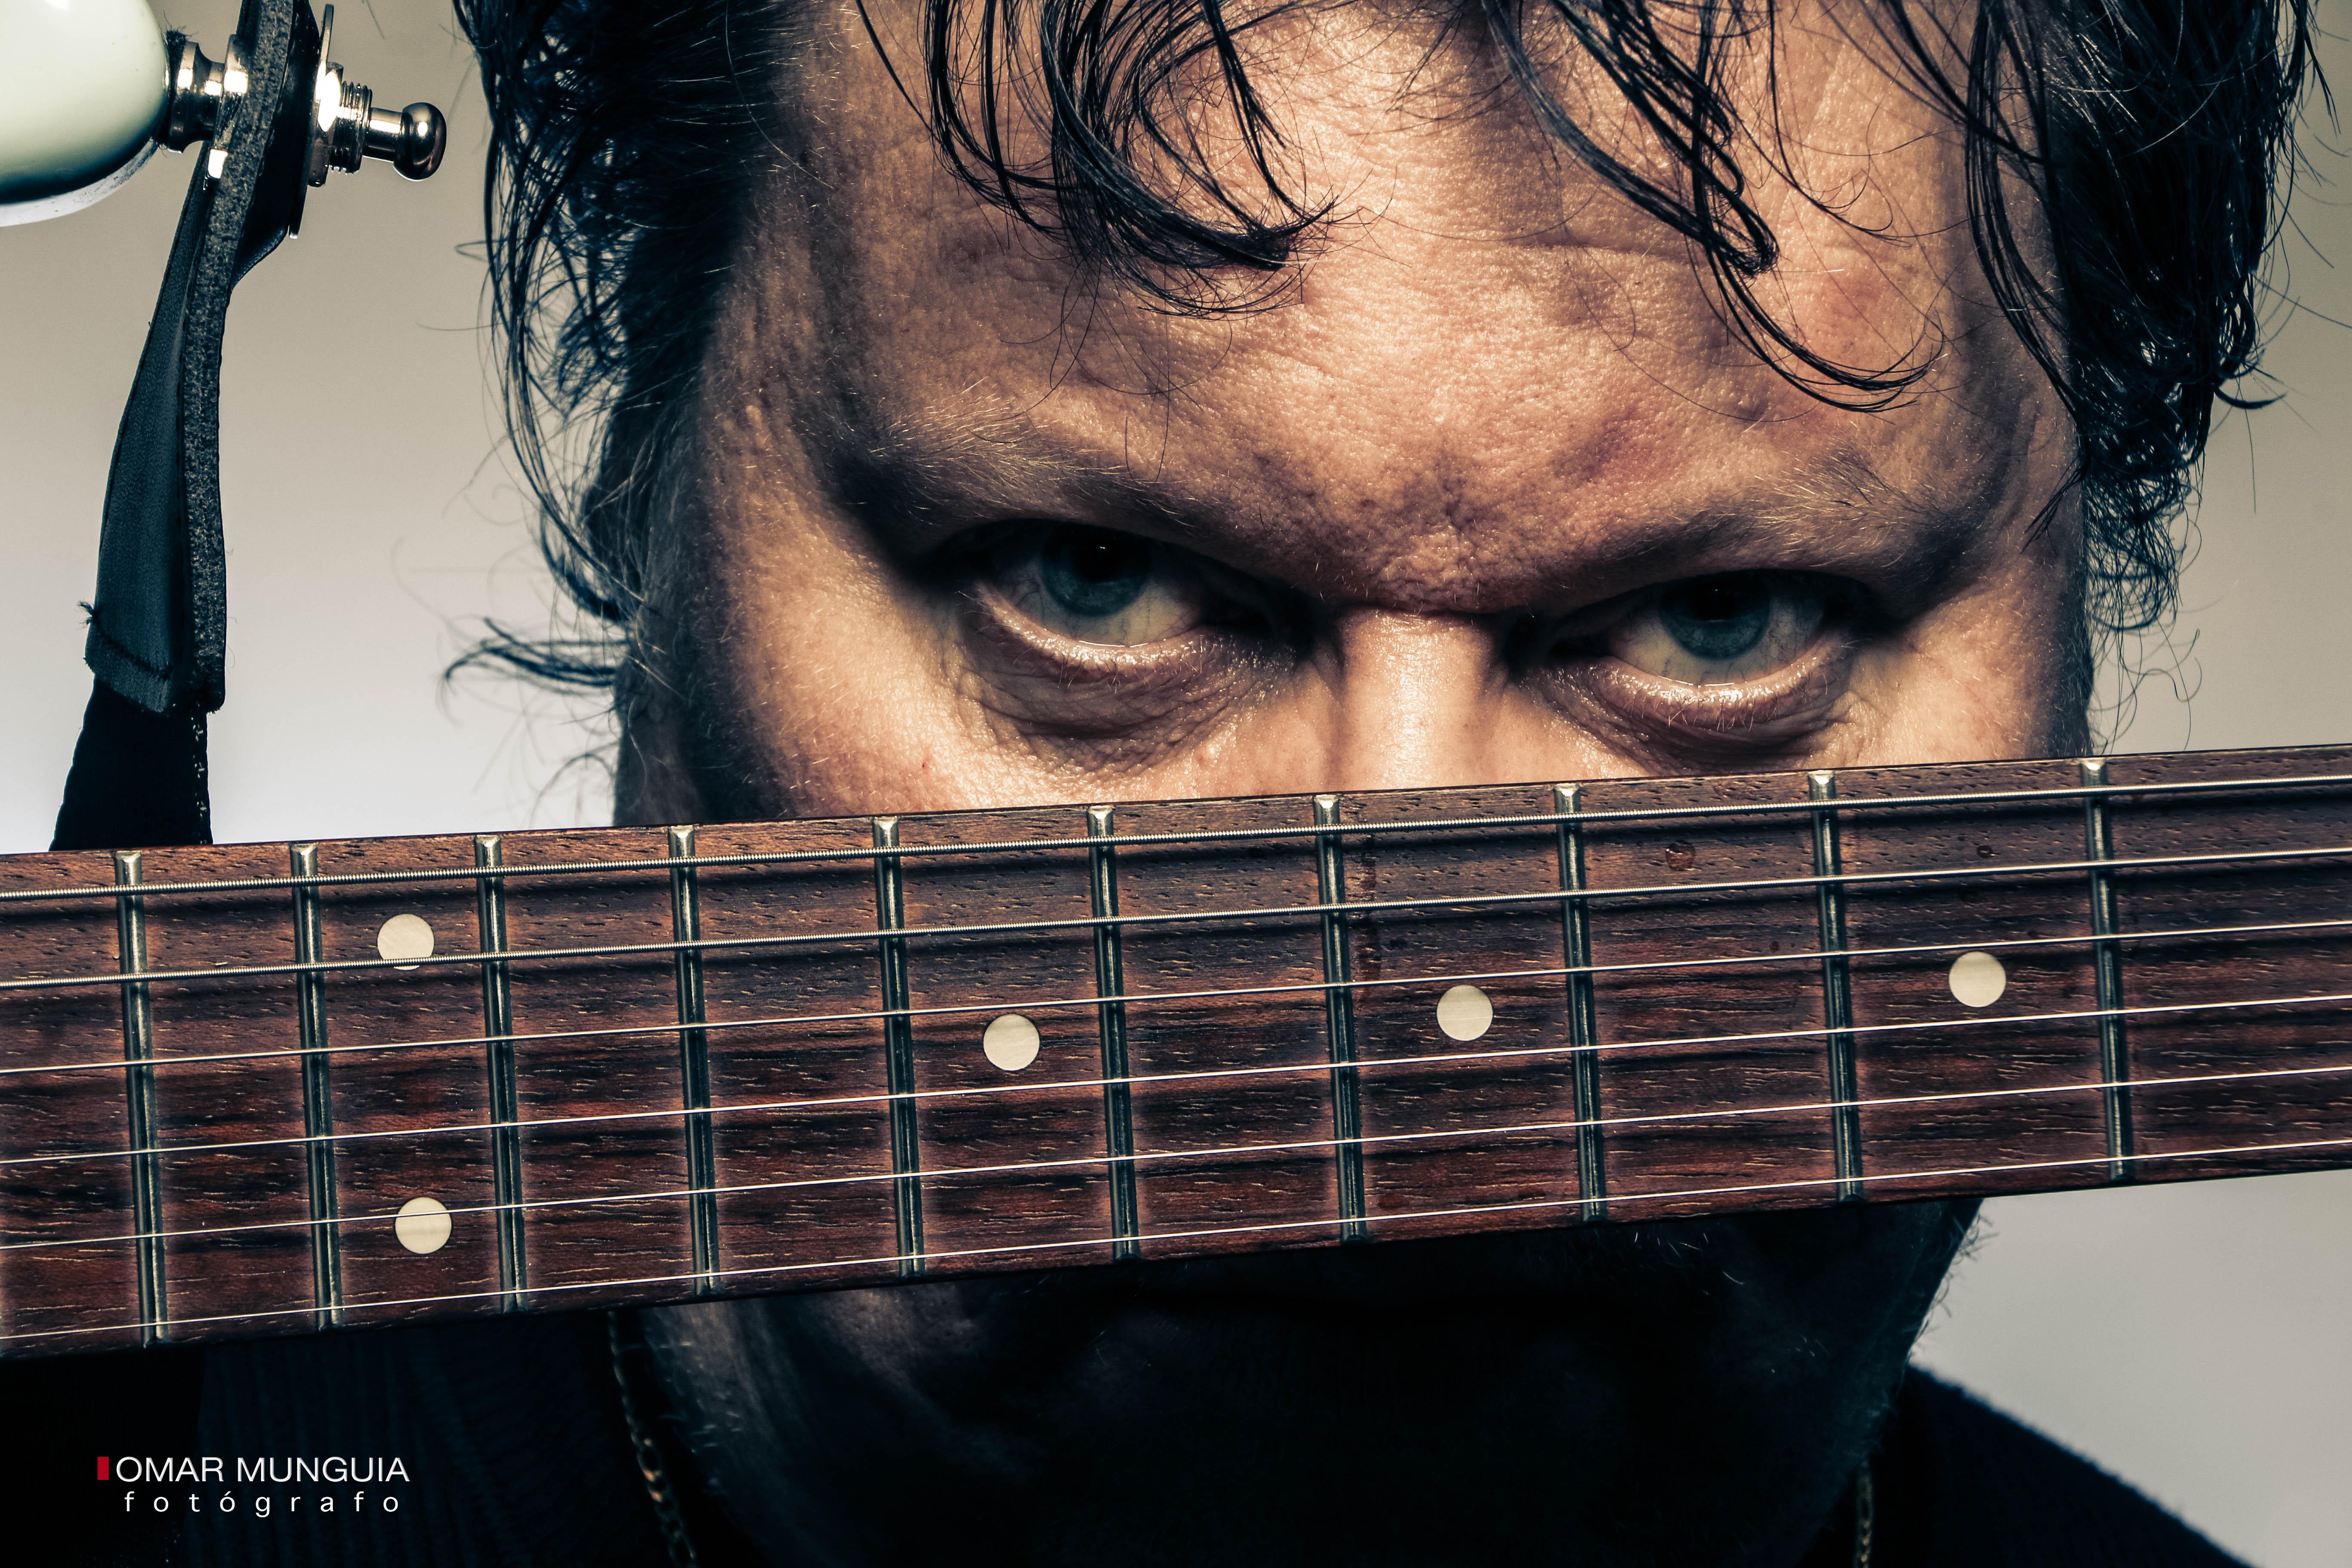 Ο Timo Tolkki ανακοίνωσε οτι ξεκινάει τις ηχογραφήσεις του νέου του άλμπουμ!